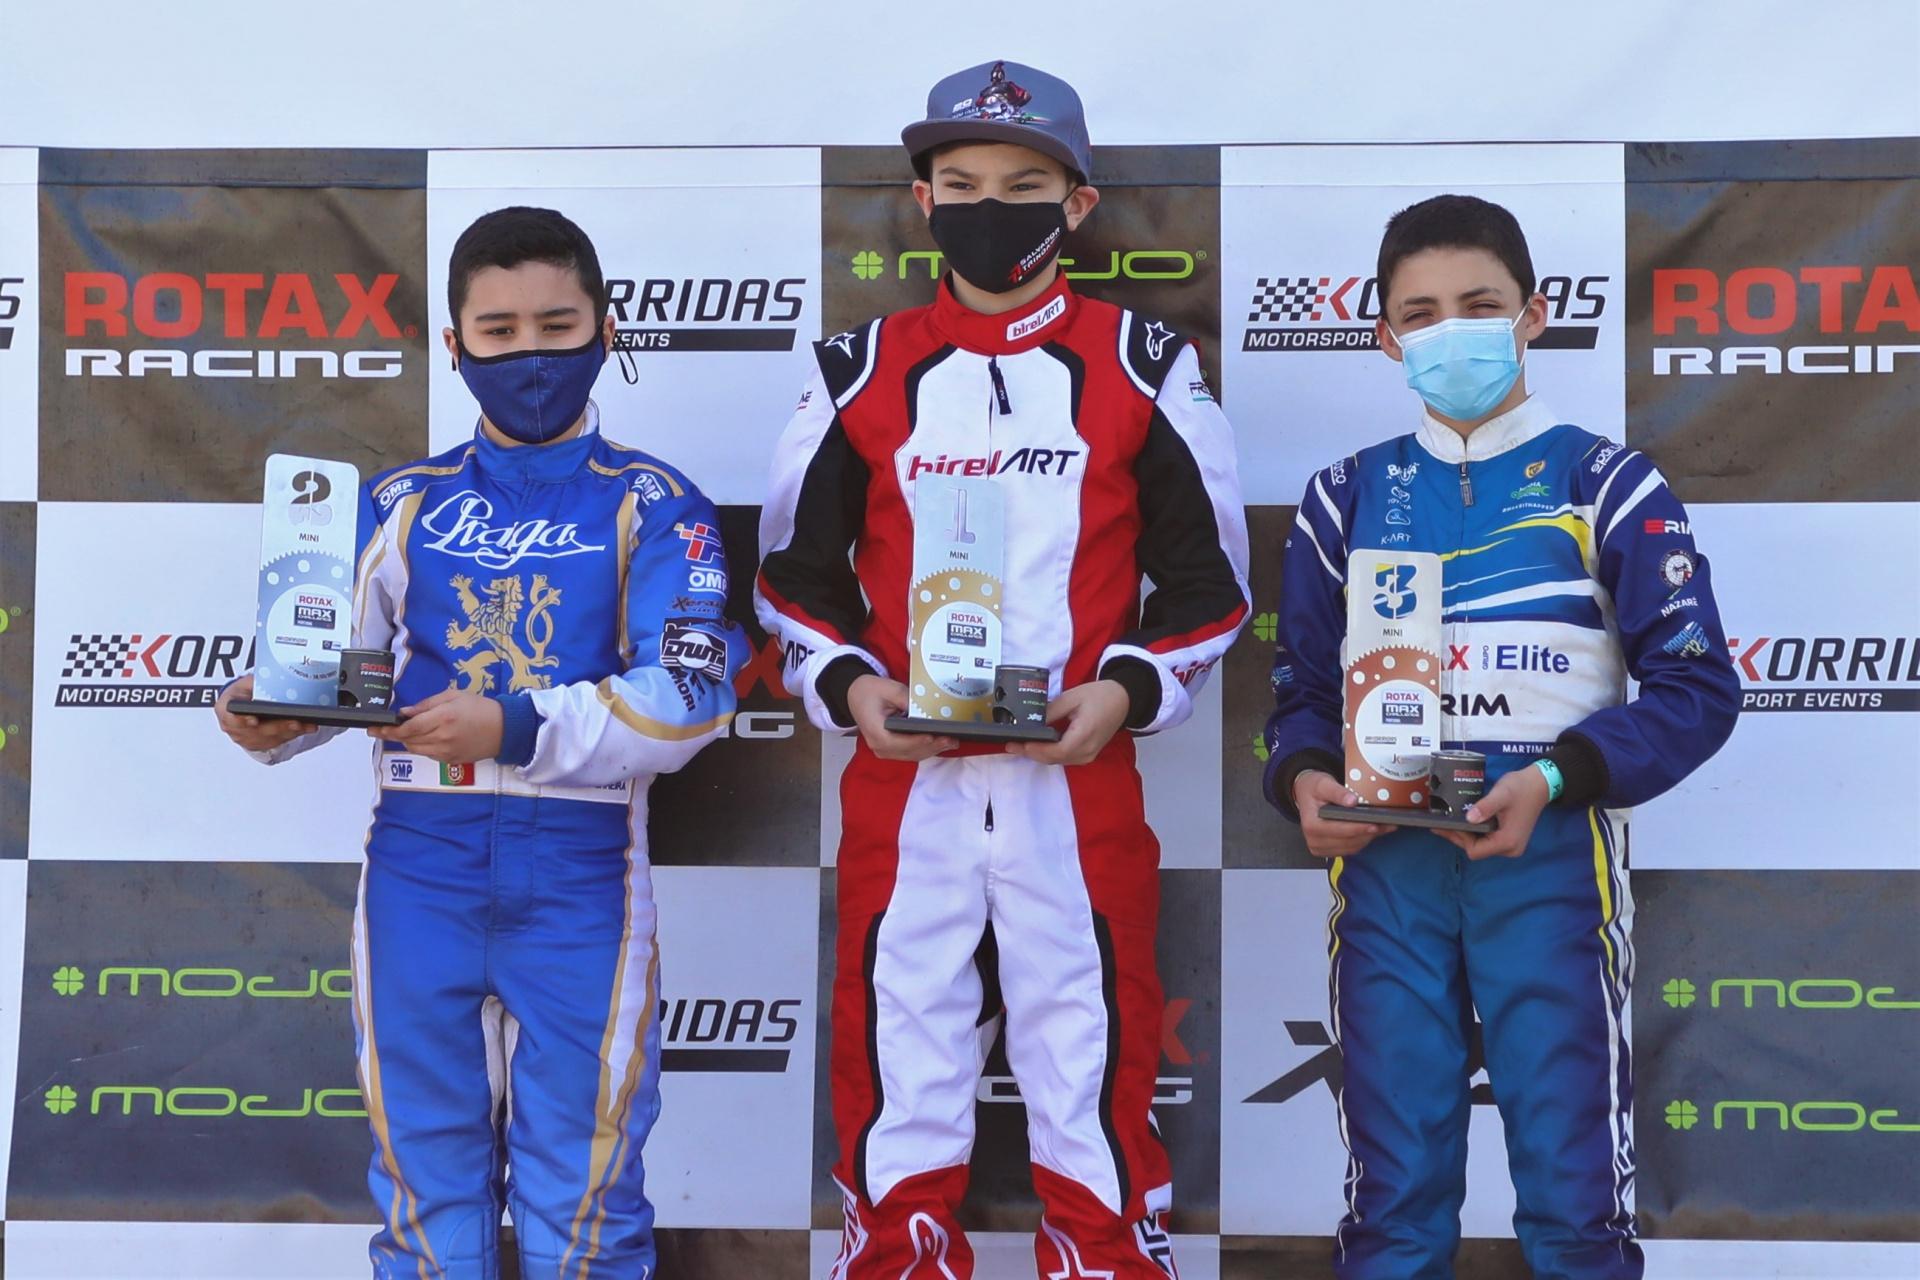 Regresso triunfal de Salvador Trindade no Troféu Rotax da categoria Mini-Max